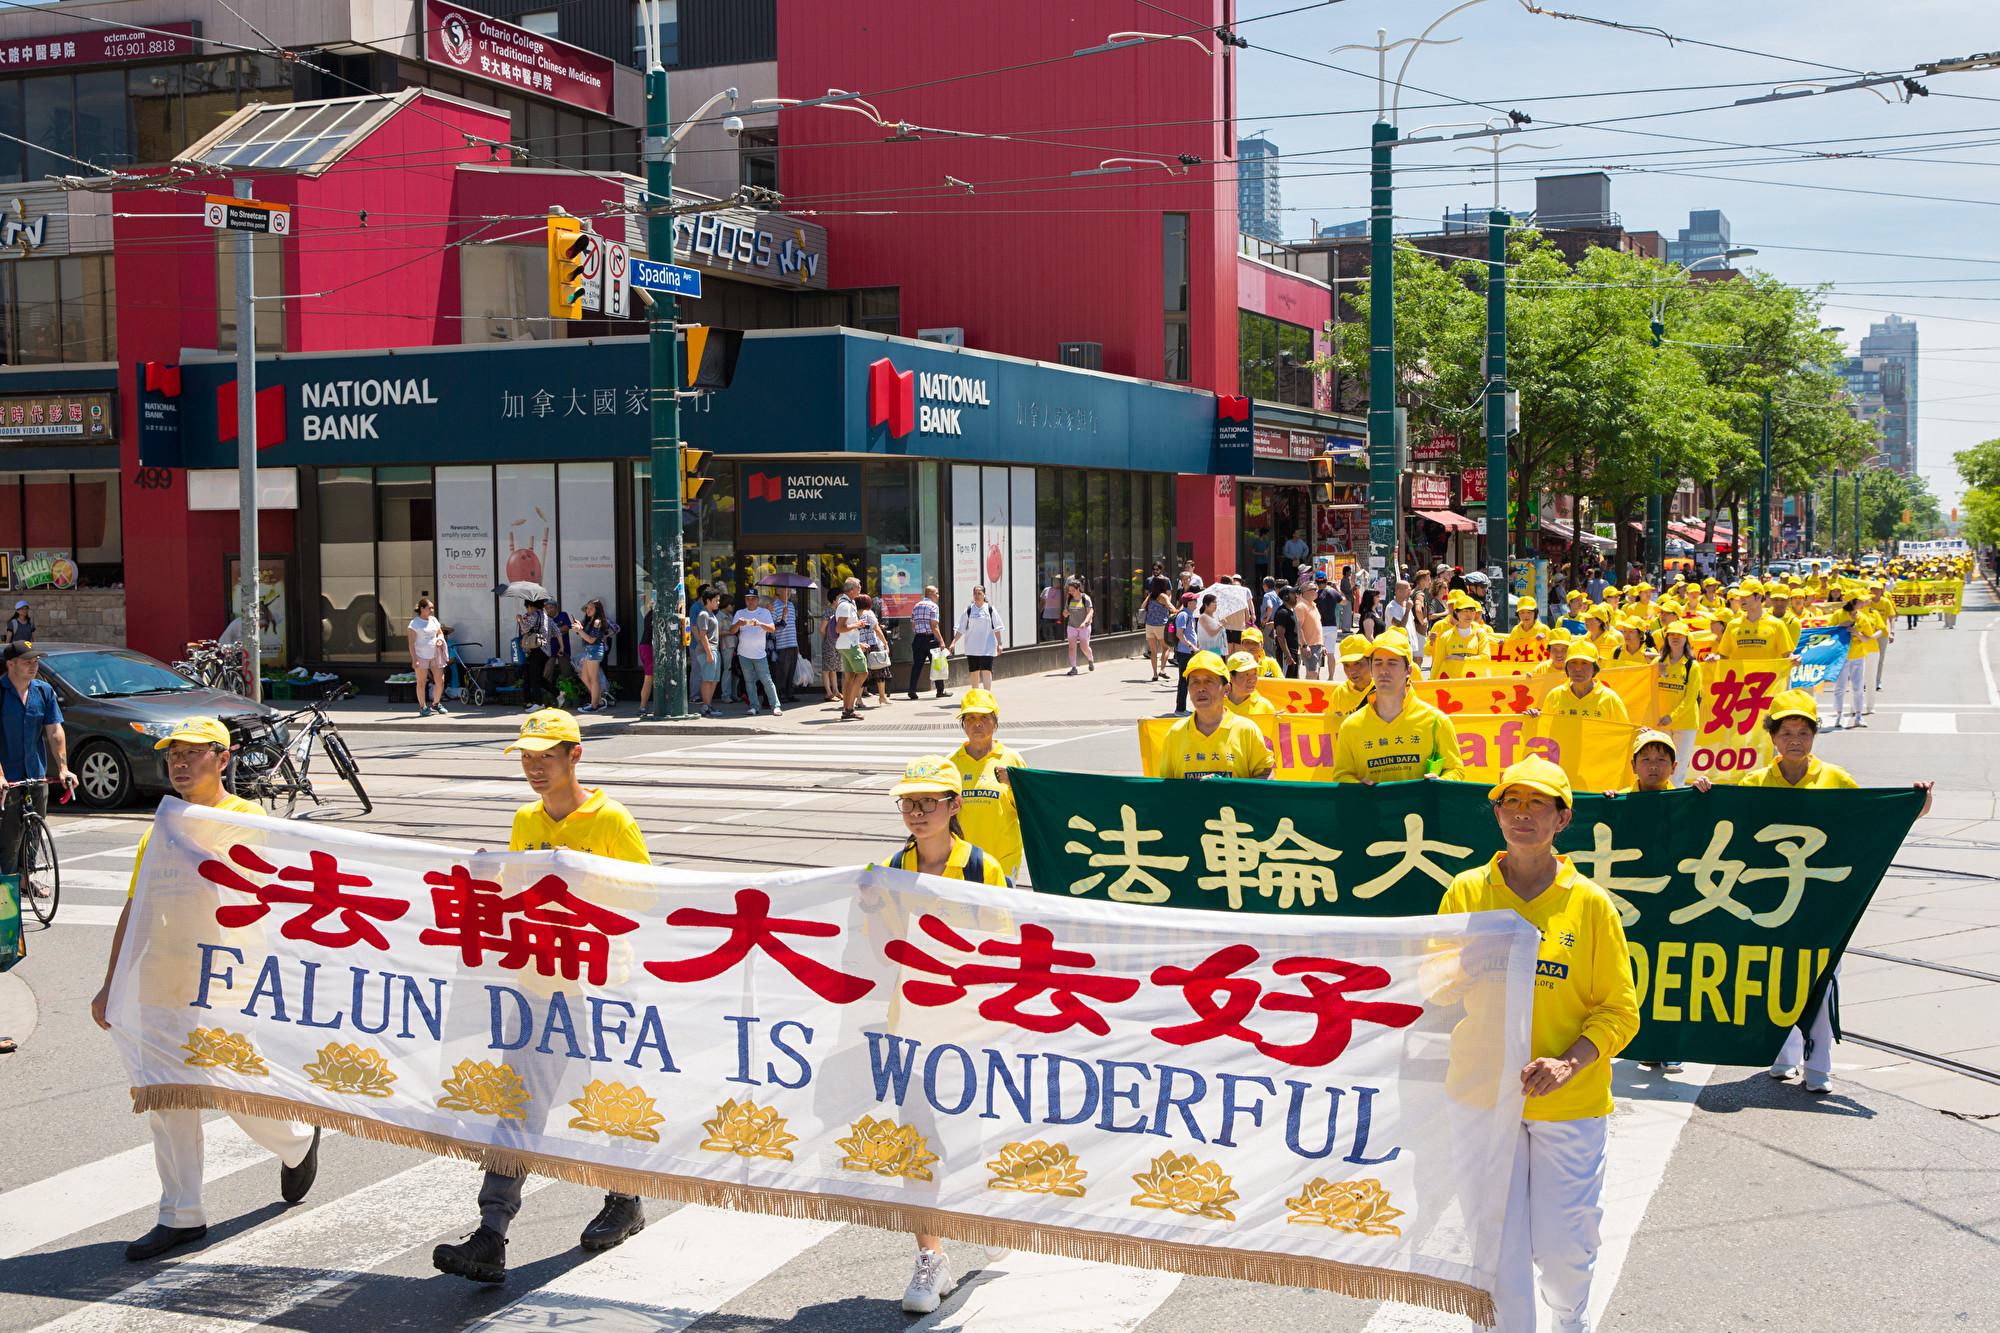 7月20日,加東地區法輪功學員舉行盛大遊行,紀念反迫害20周年,圖為學員手拿橫幅「法輪大法好。(艾文/大紀元)